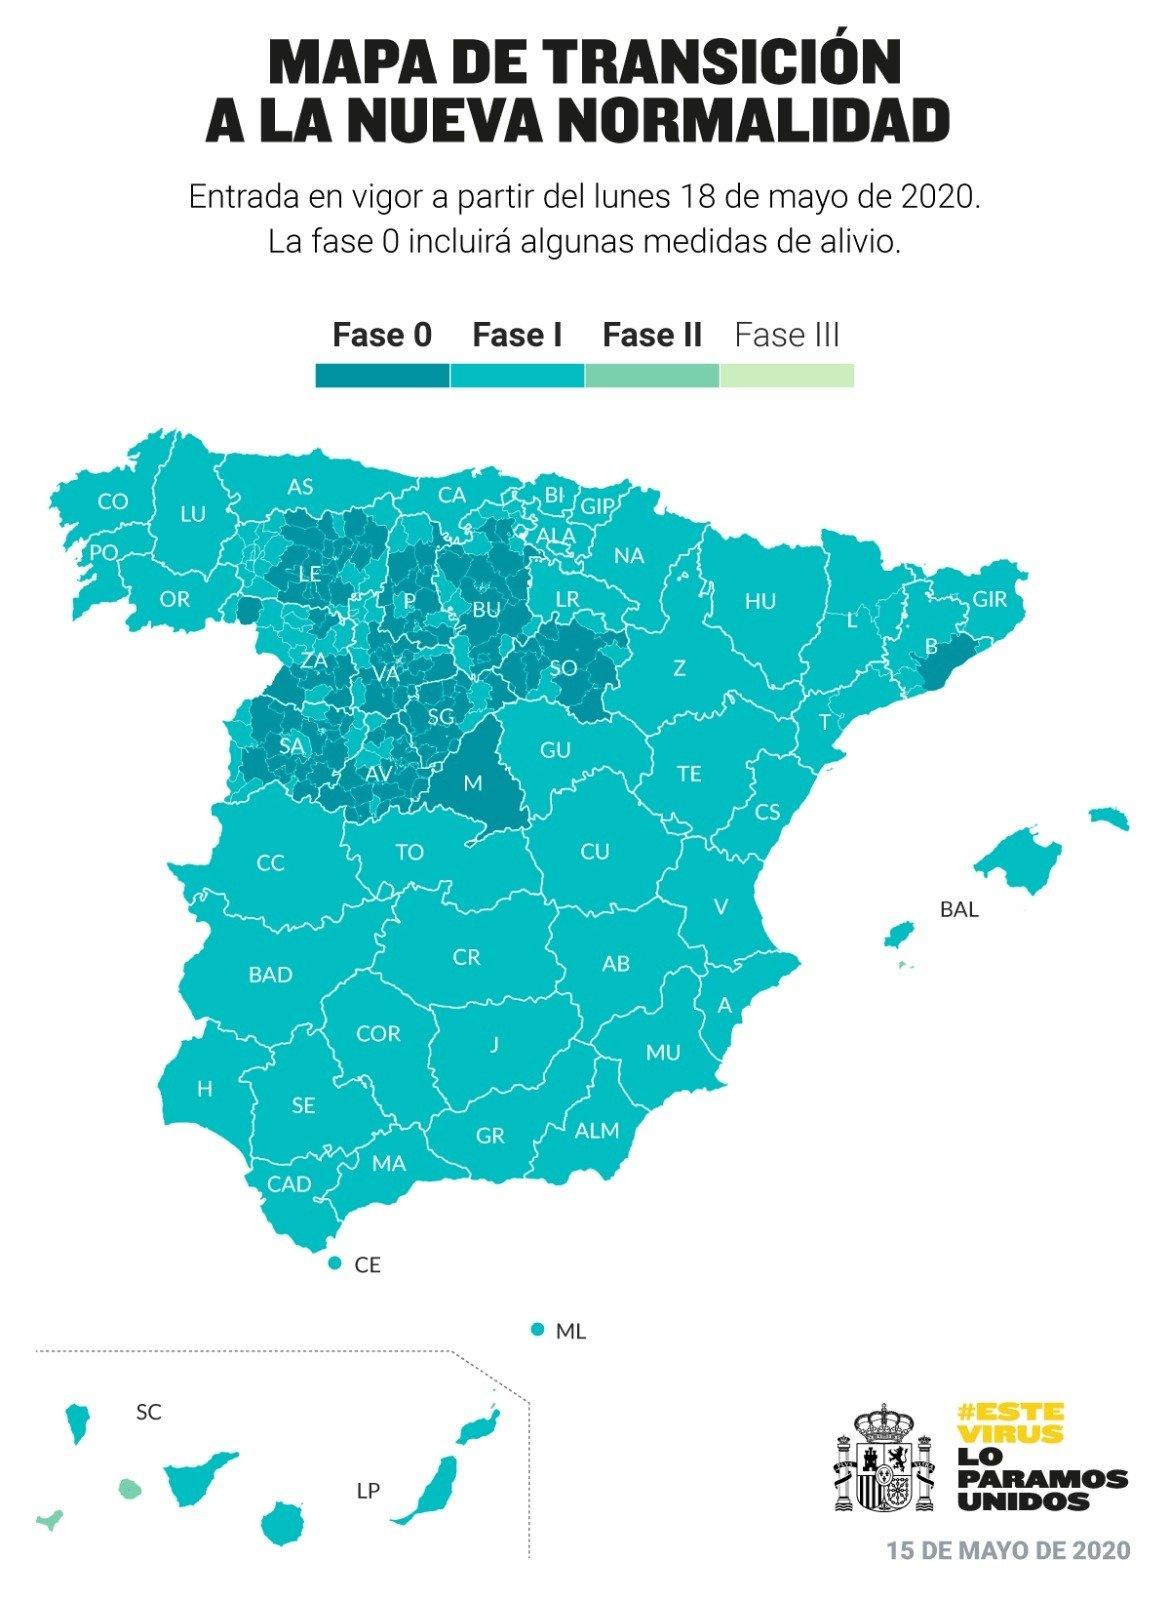 MAPA DE TRANSICIÓN A LA NUEVA NORMALIDAD